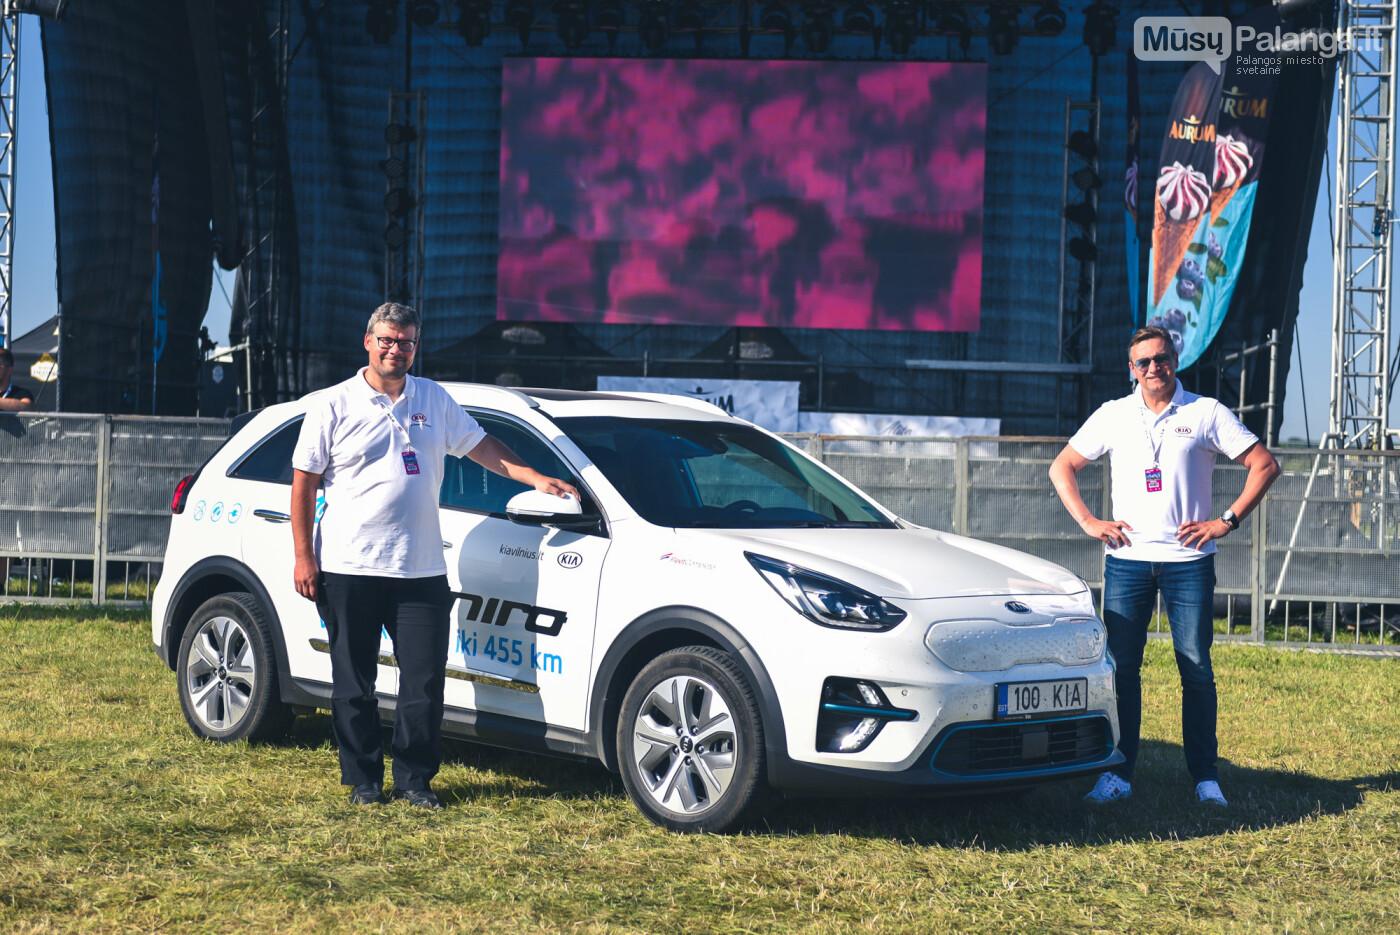 Naujas rekordas: elektromobiliu aplink Lietuvą per 22 valandas, nuotrauka-5, Vytauto PILKAUSKO ir rekordo autorių nuotr.